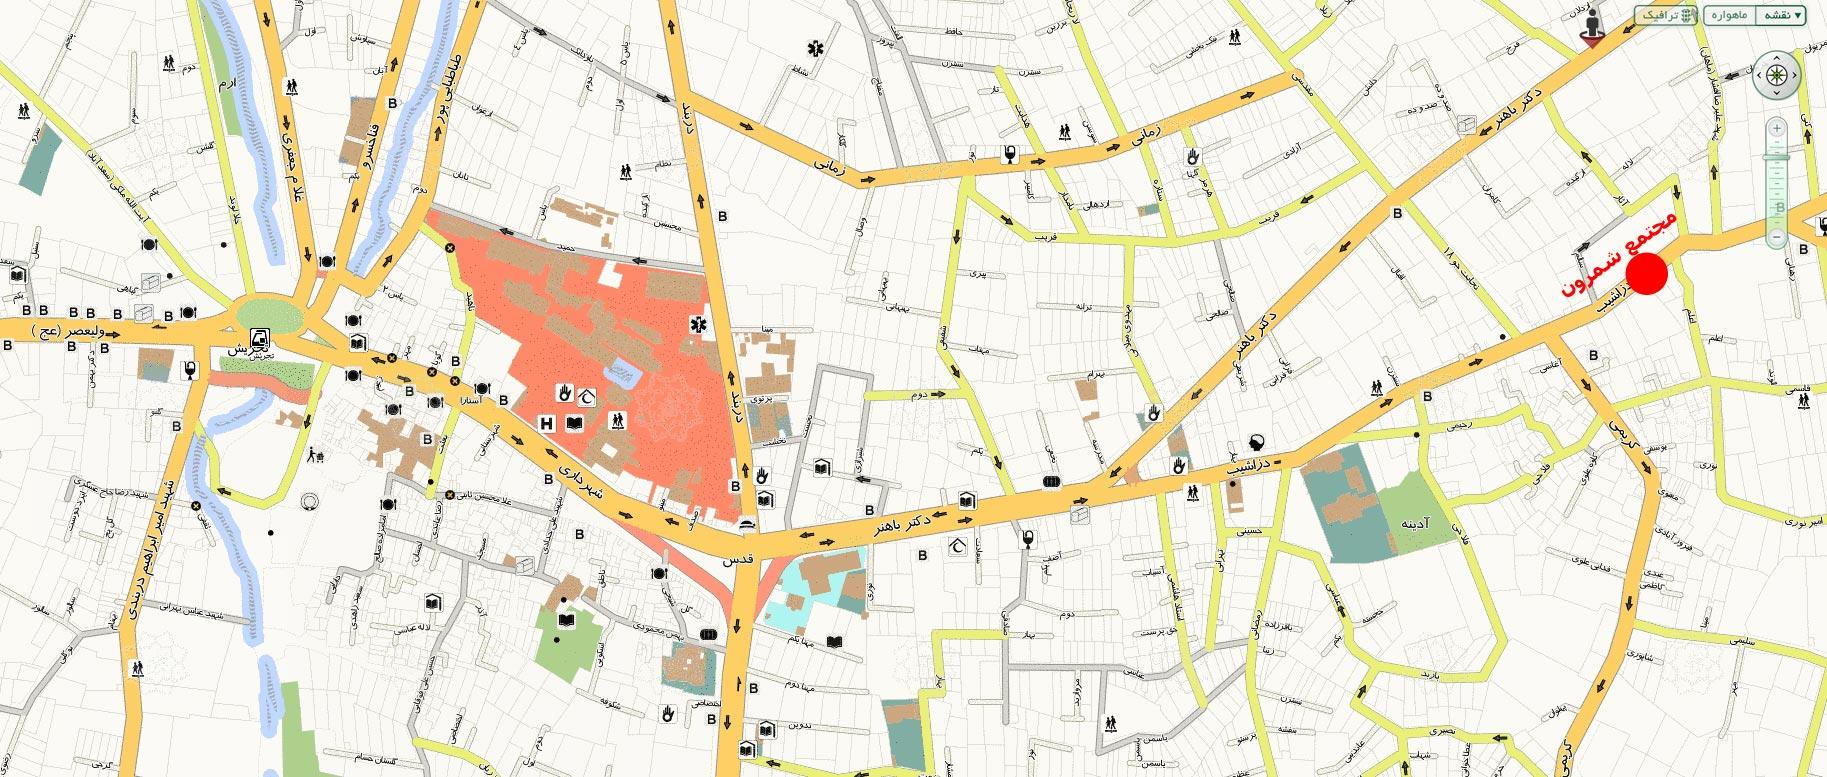 Shemroon Map